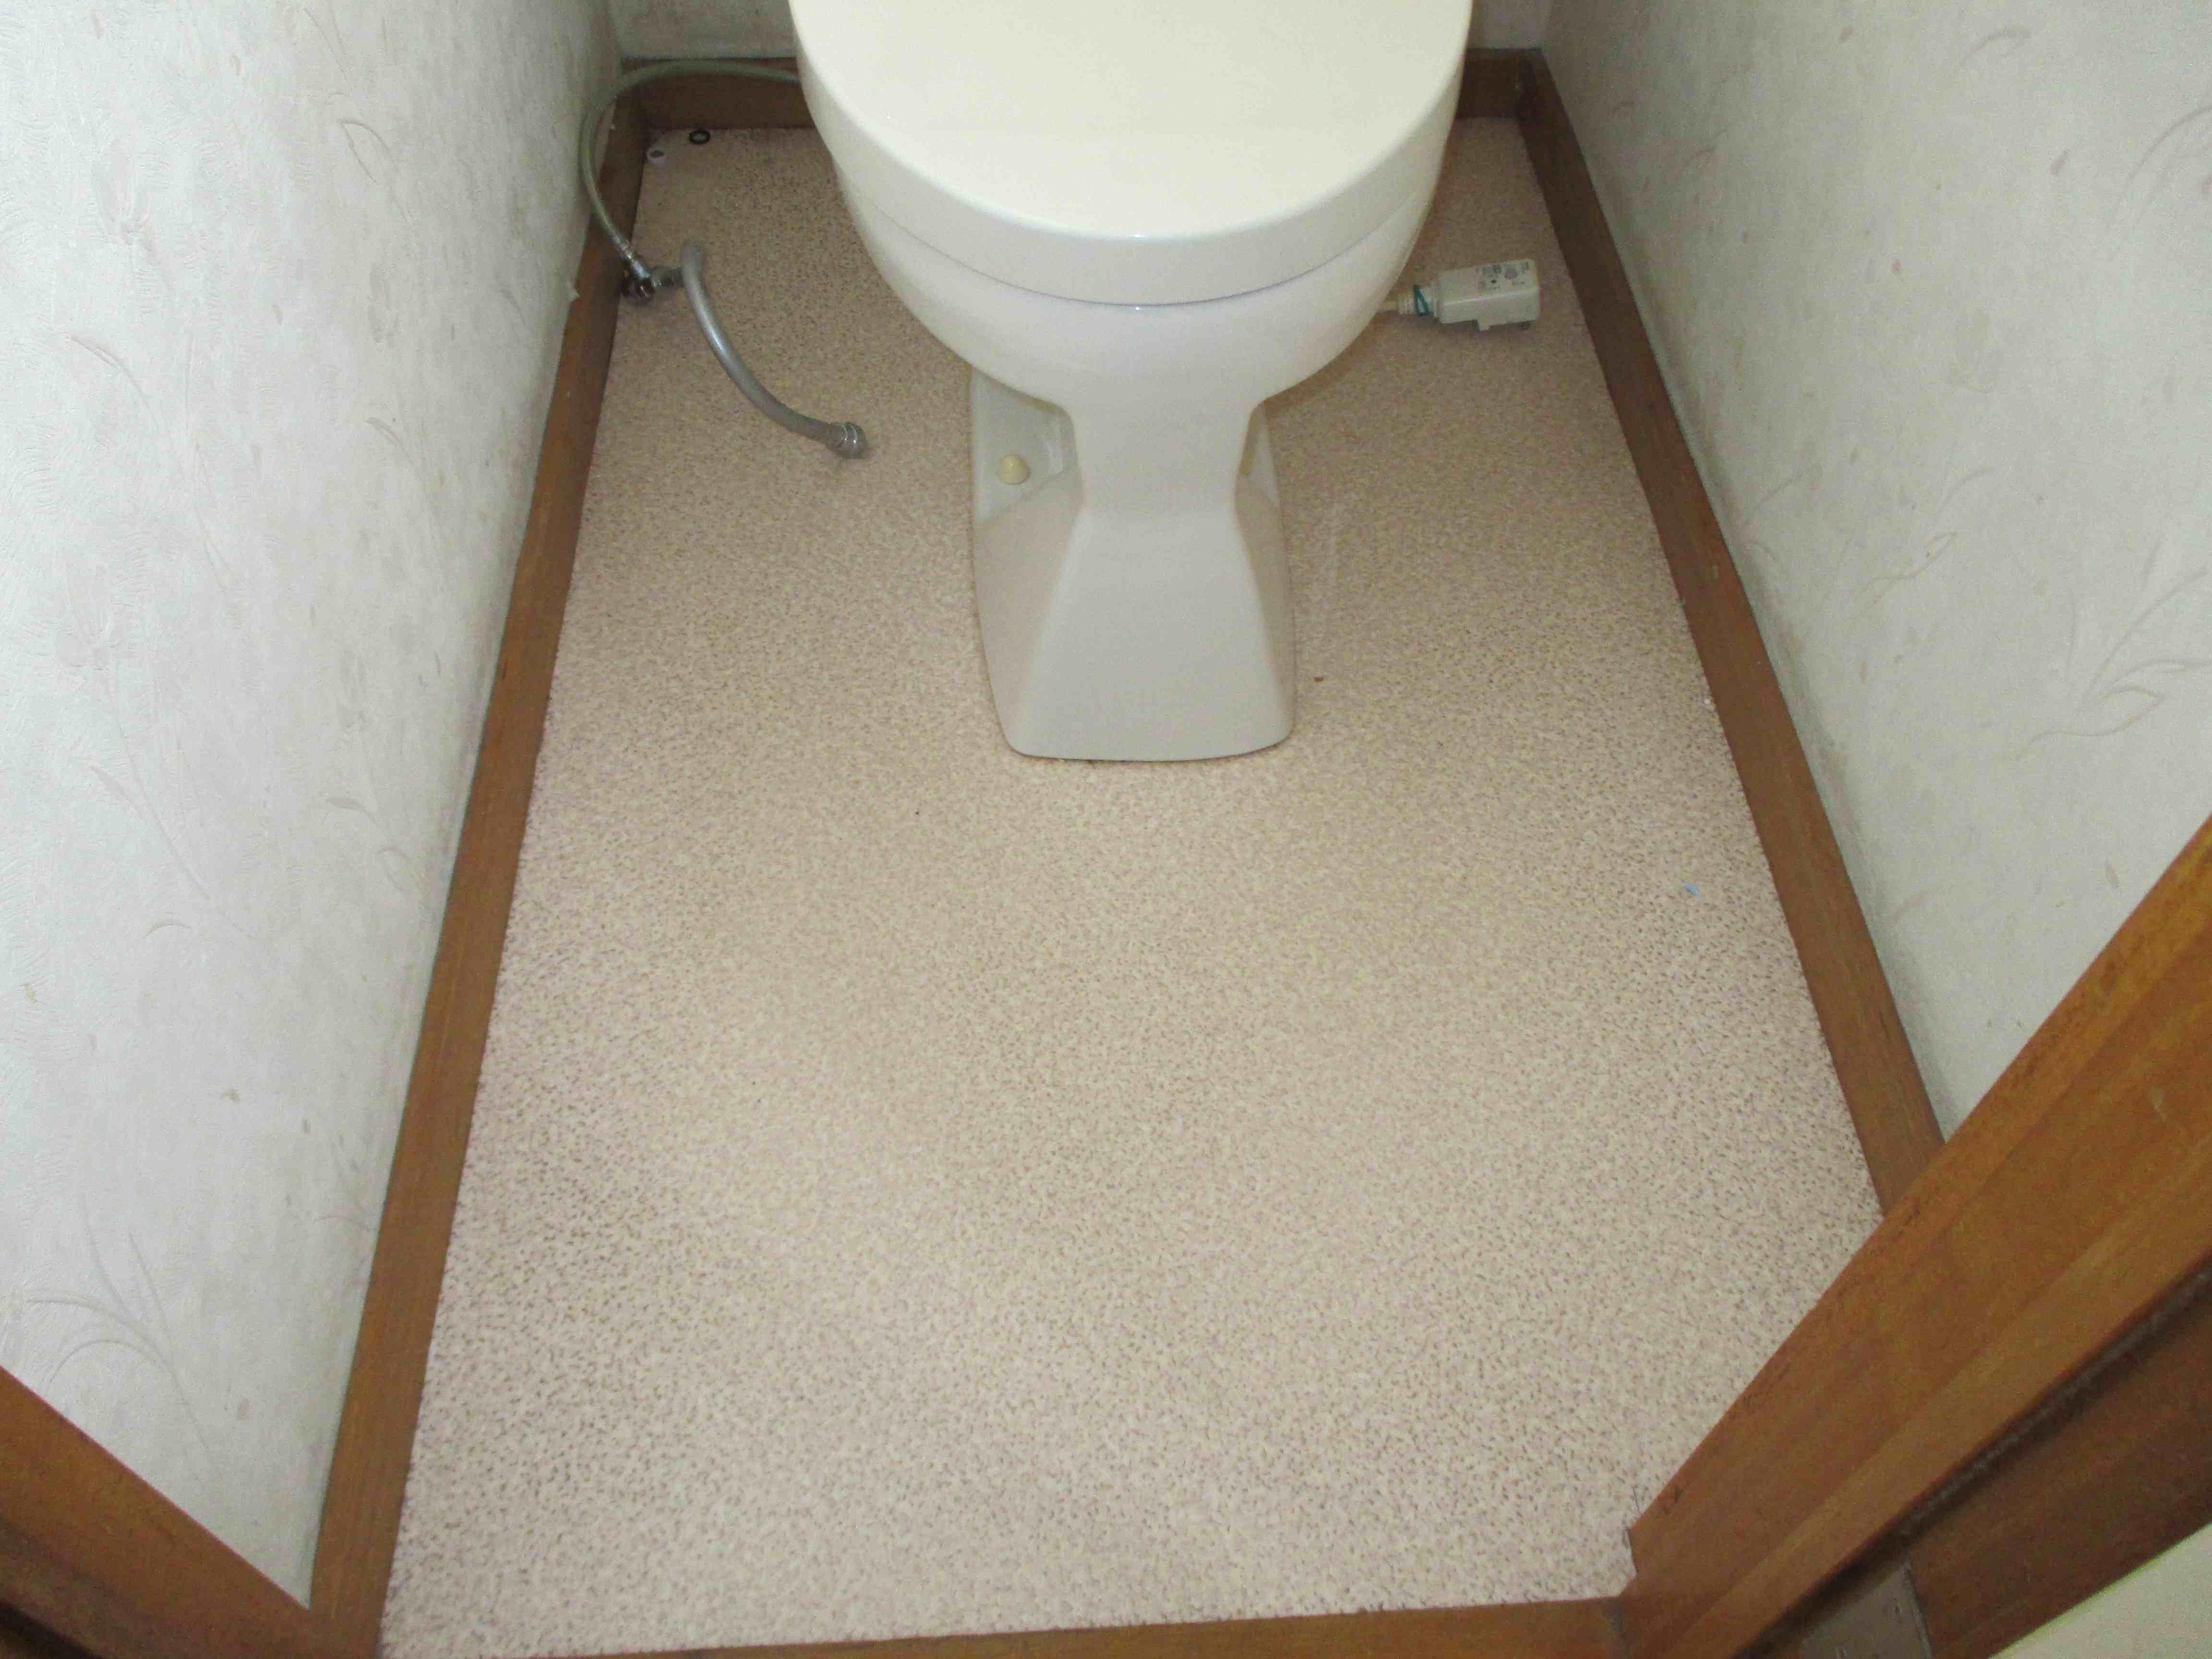 モリスの壁紙でトイレの『1DAY(ワンデイ)』リフォーム  ウィリアムモリス正規販売店のブライト_c0157866_17322002.jpg